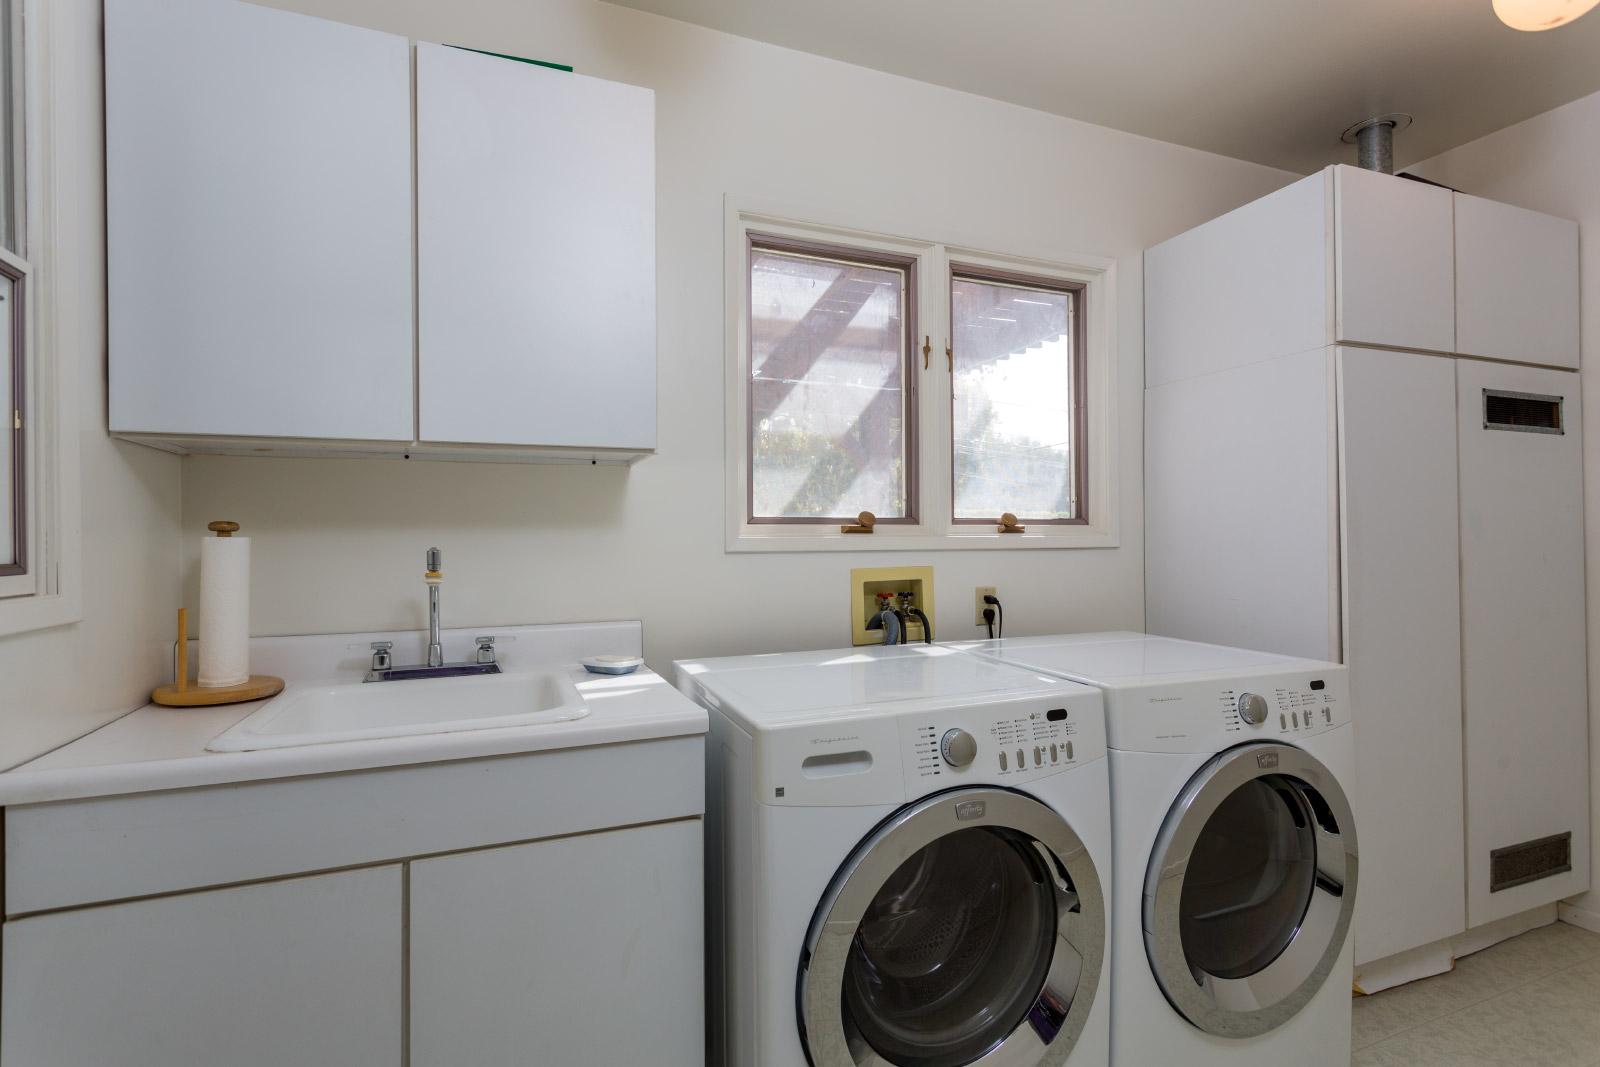 laundry-room_16767145741_o.jpg